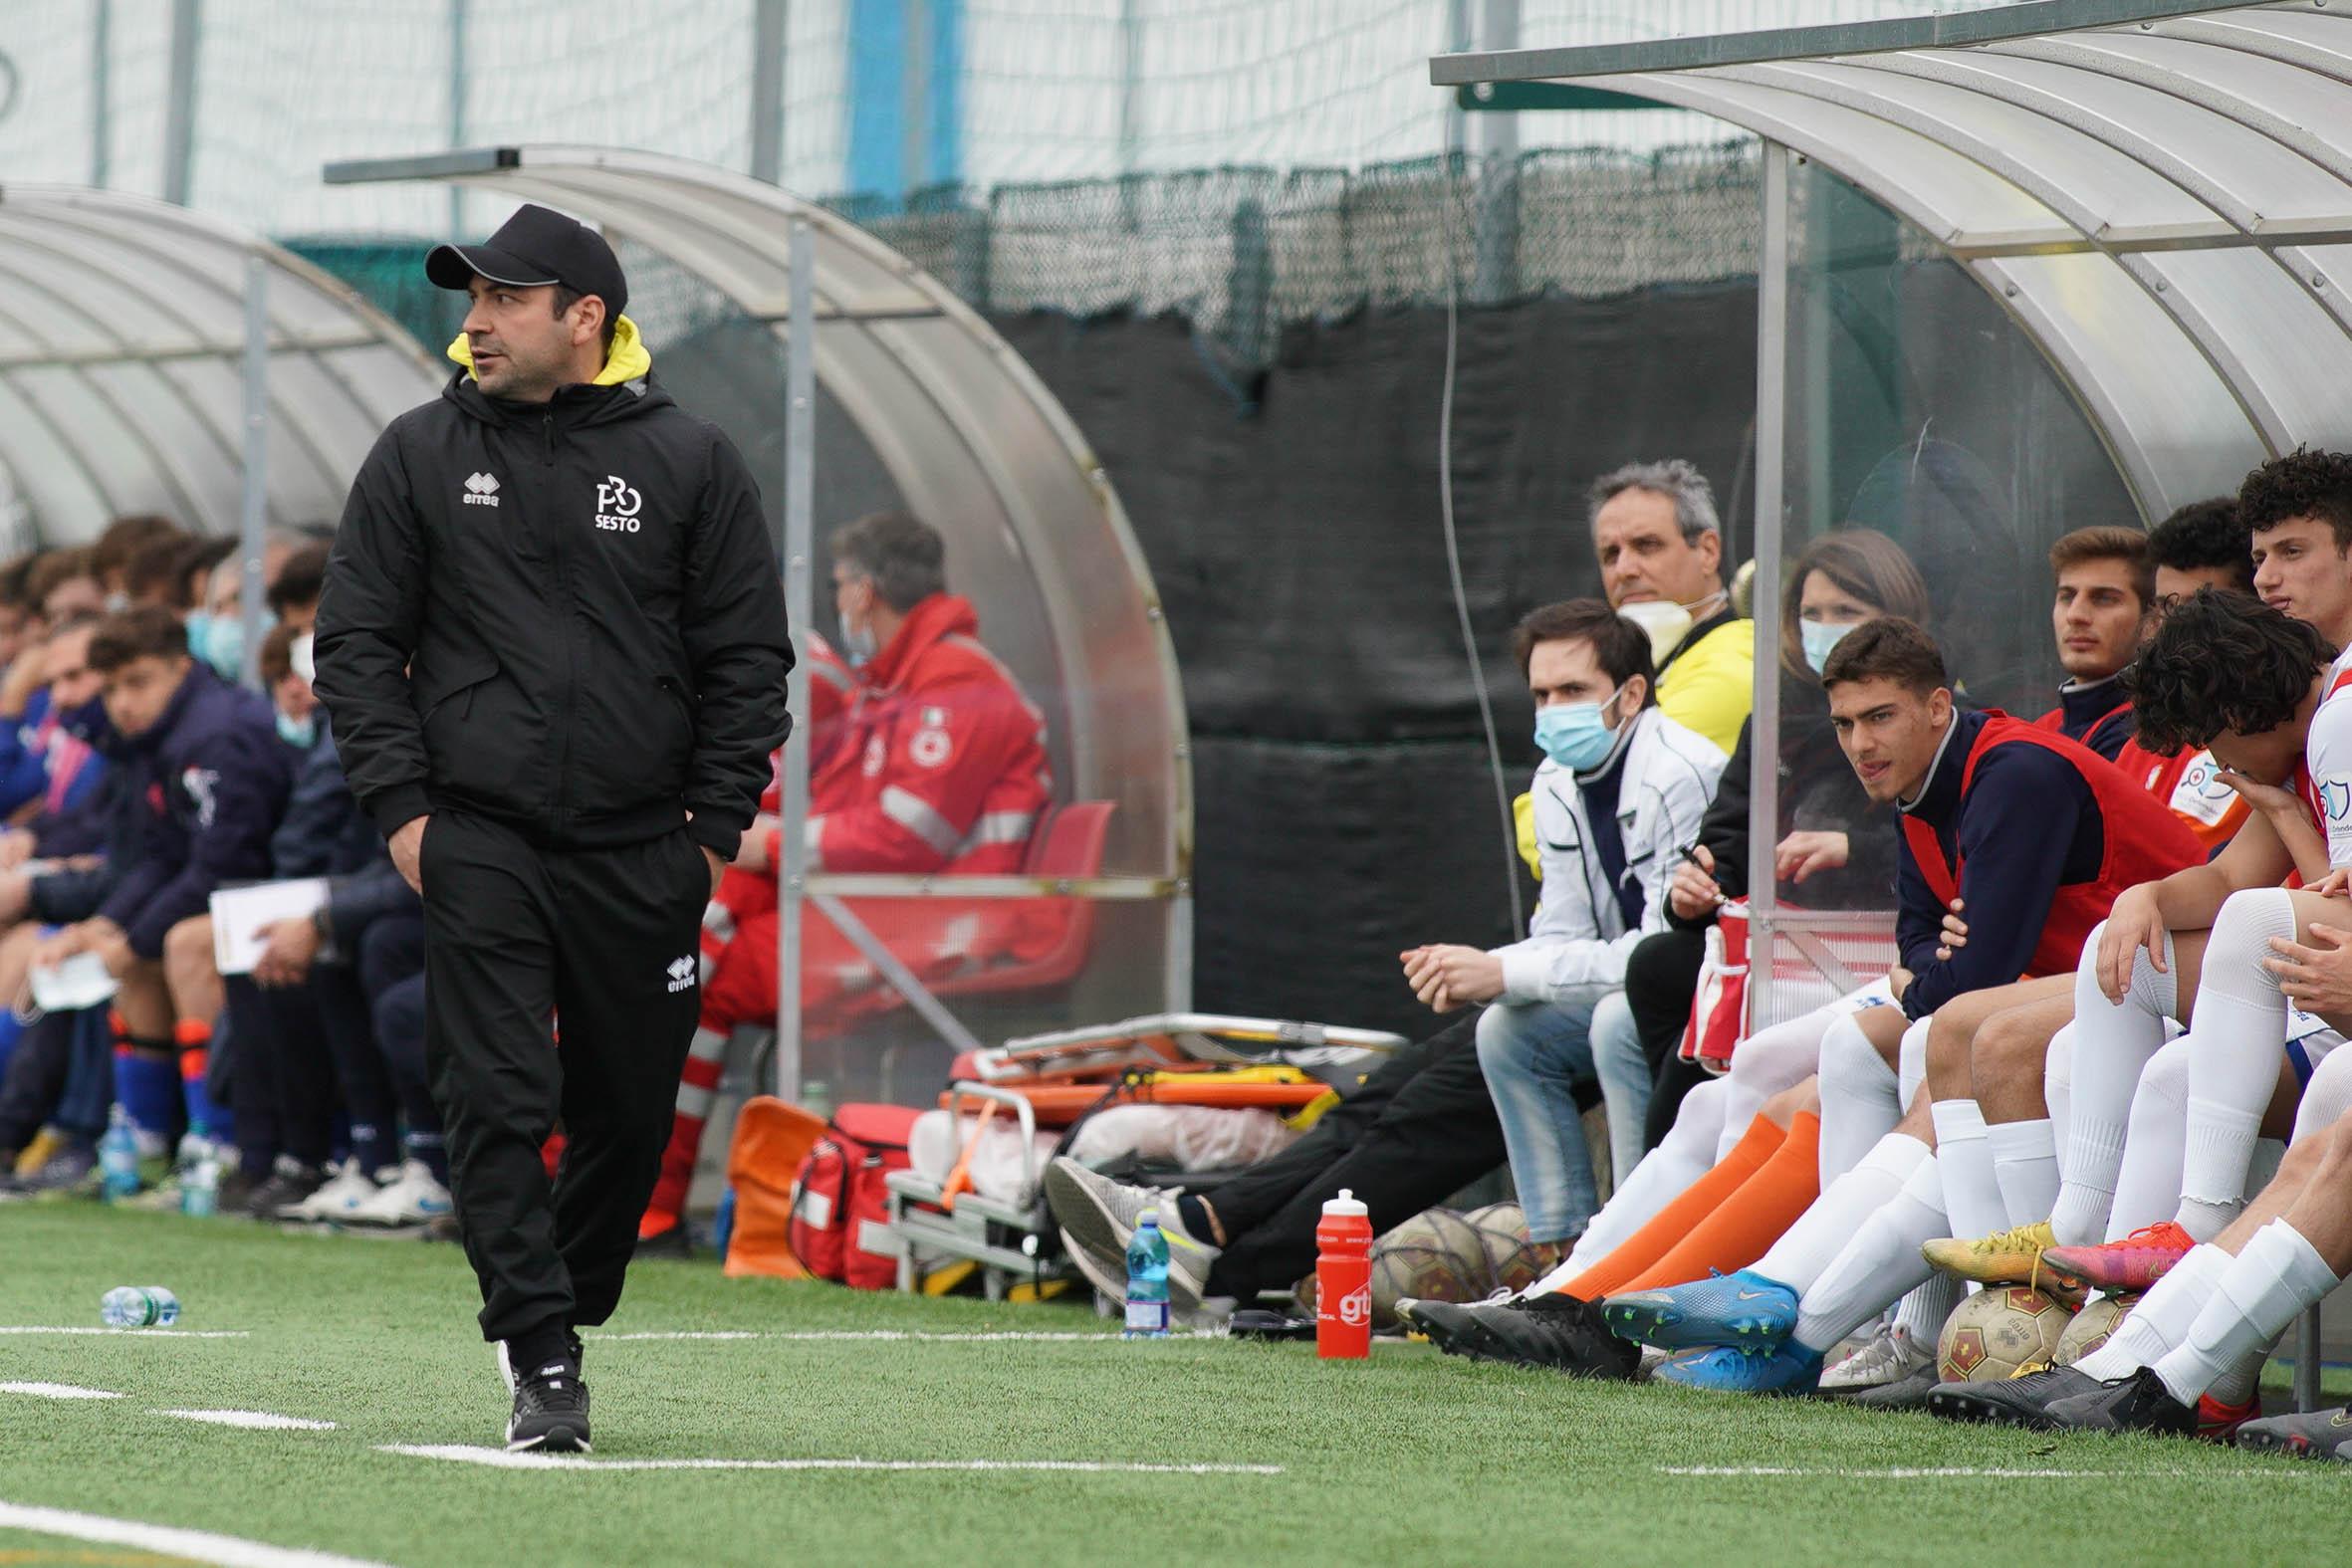 Primavera, sconfitta sfortunata nel derby contro il Renate